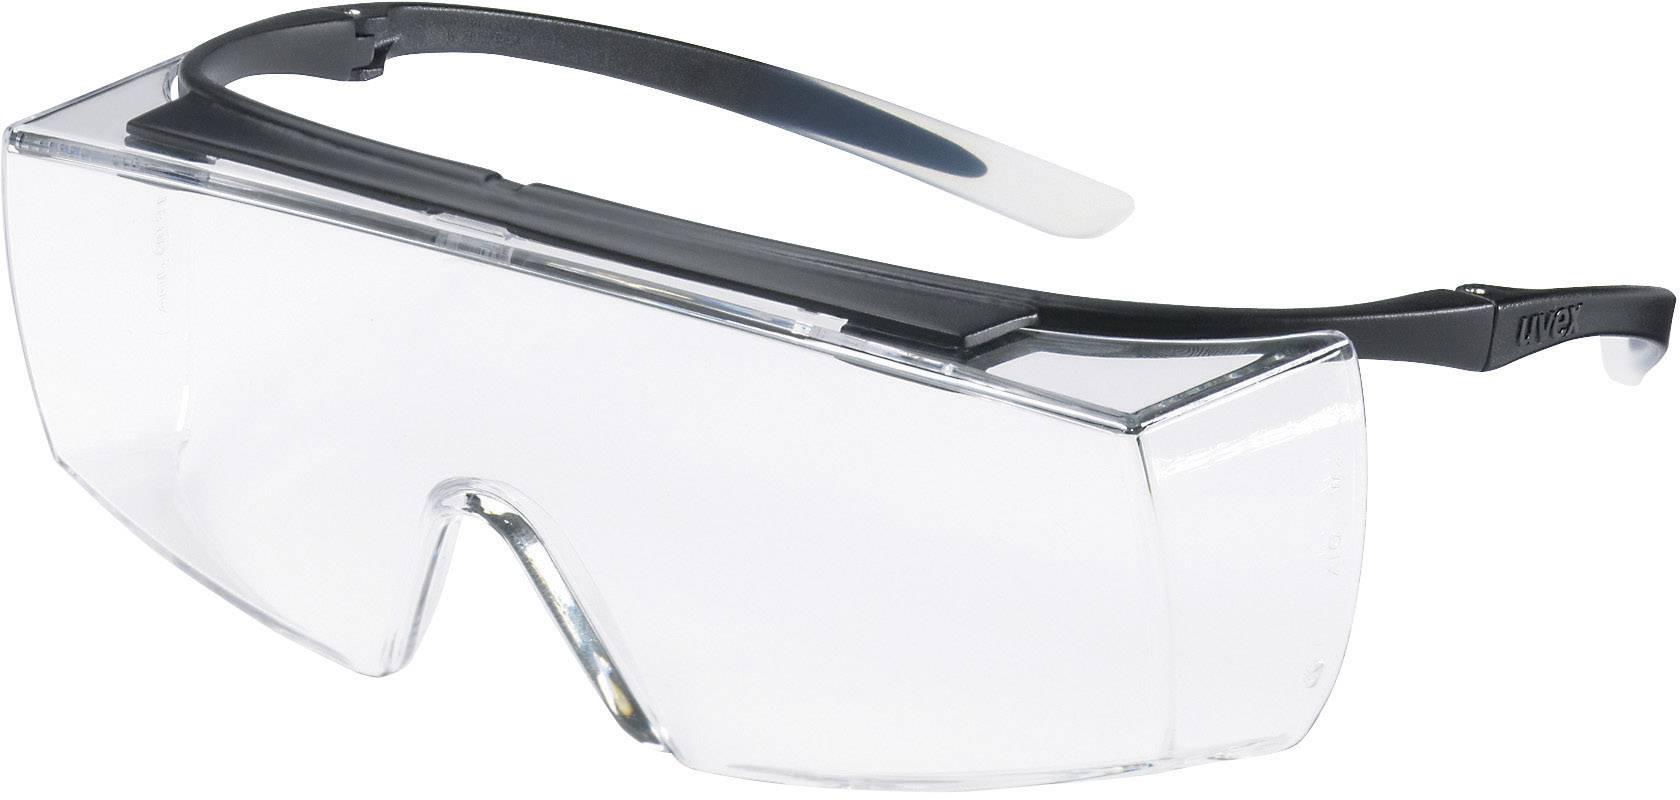 Ochranné brýle Uvex super f OGT, 9169585, transparentní